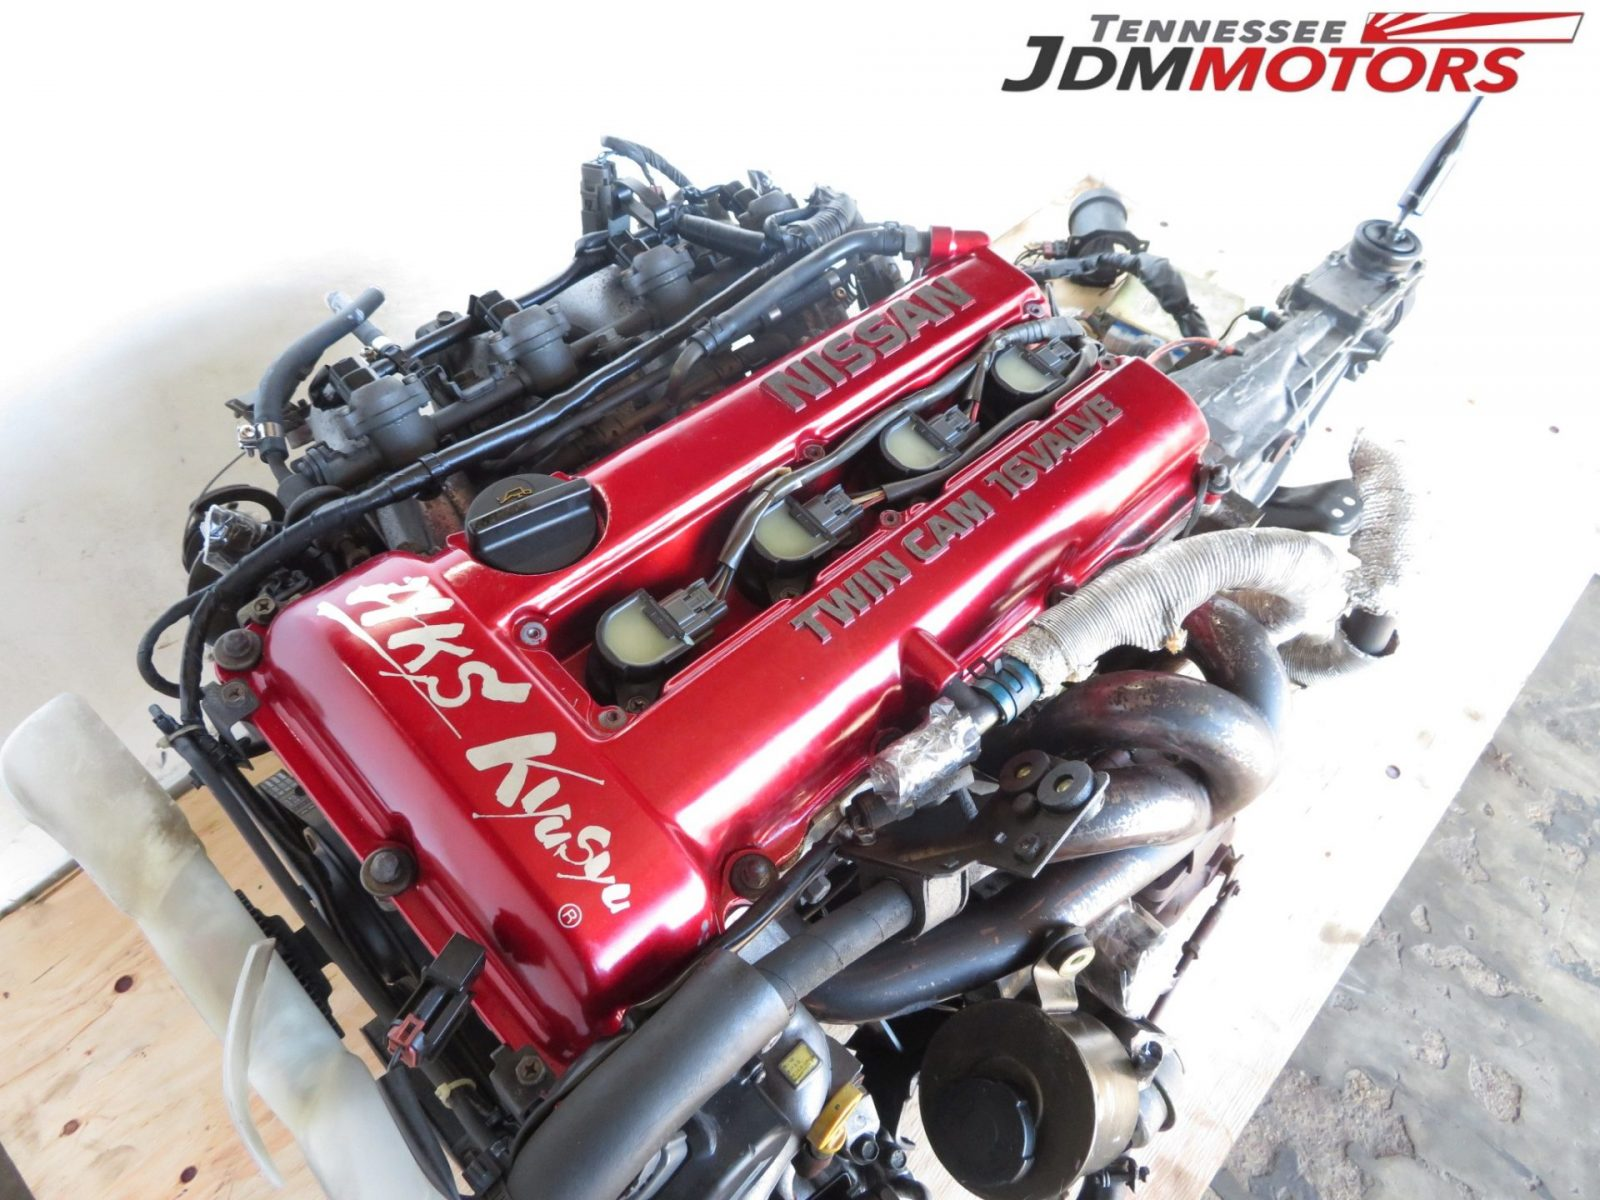 Jdm Sr20det Engine 5 Speed Nissan S13 Sr20 Turbo 180sx Silvia 240sx Tennessee Jdm Motors